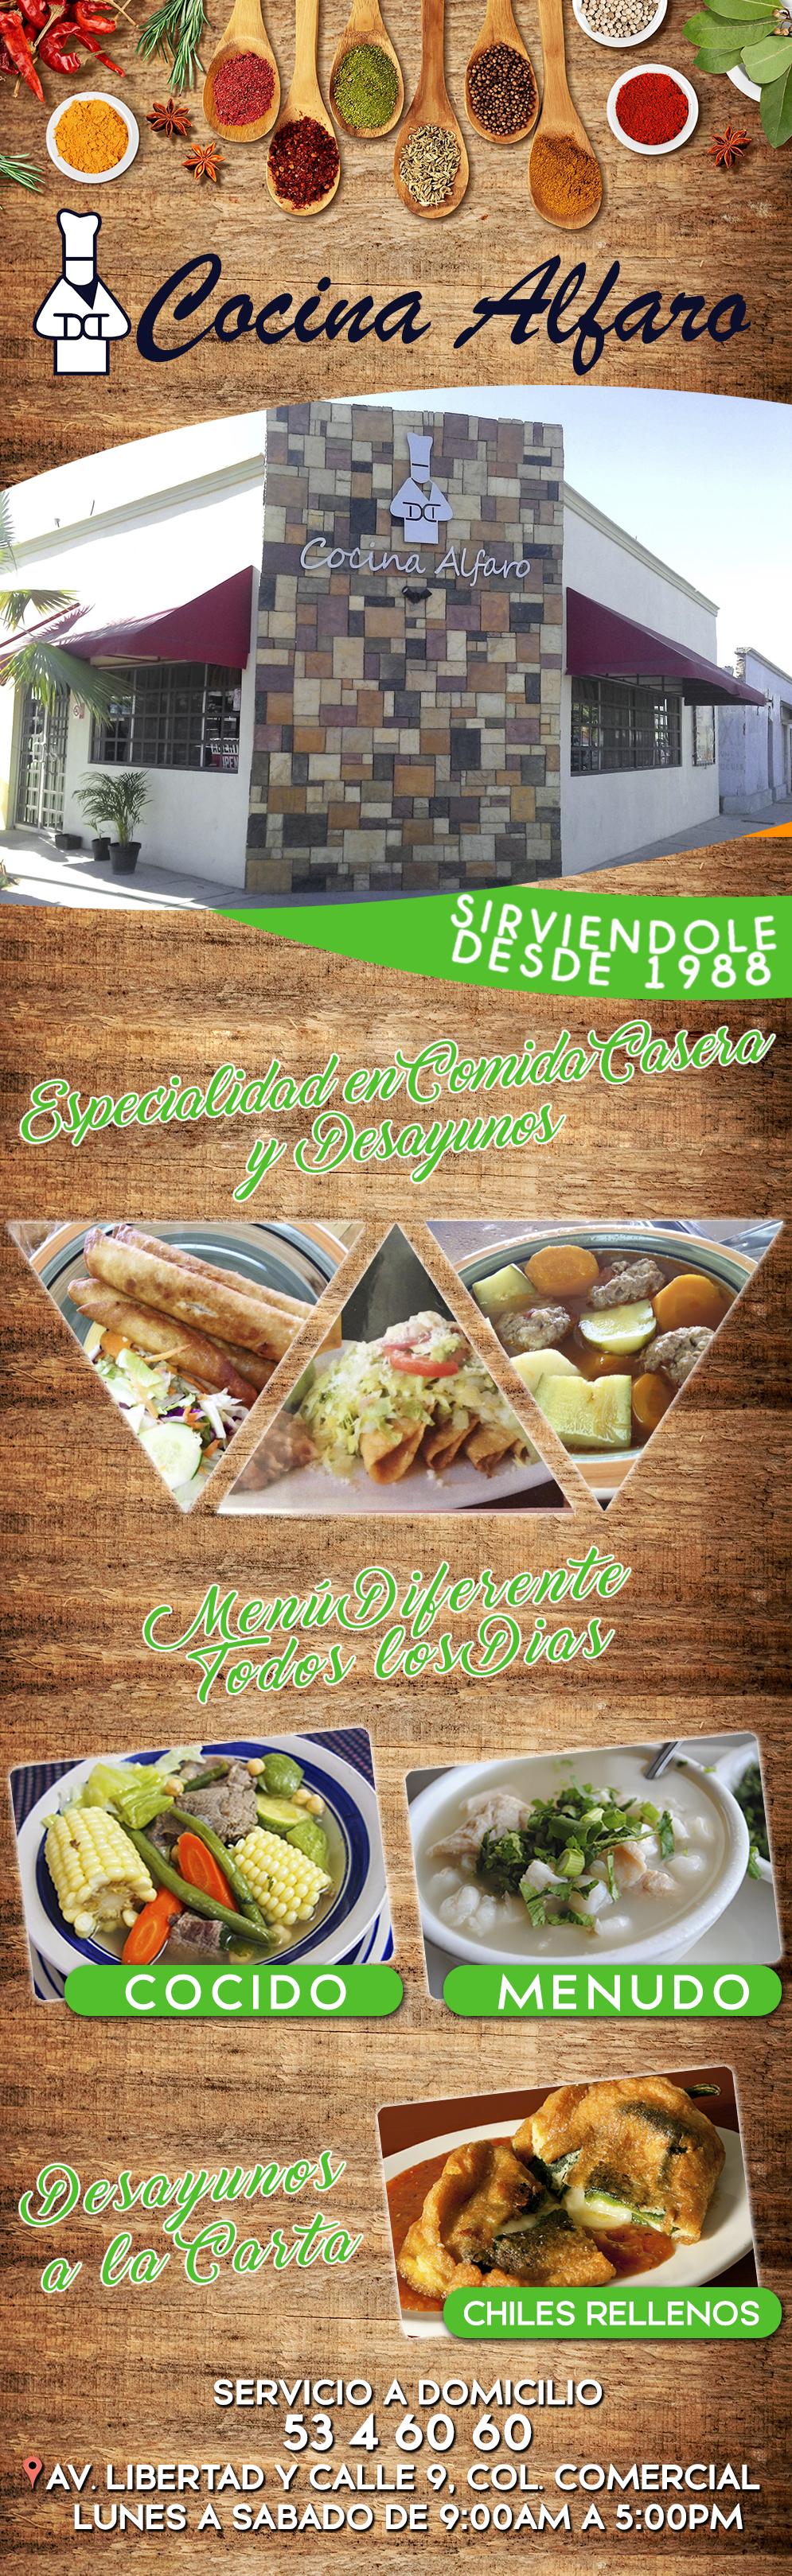 Cocina alfaro en san luis rio colorado anunciado por restaurantes y comida - Cocina casera a domicilio ...